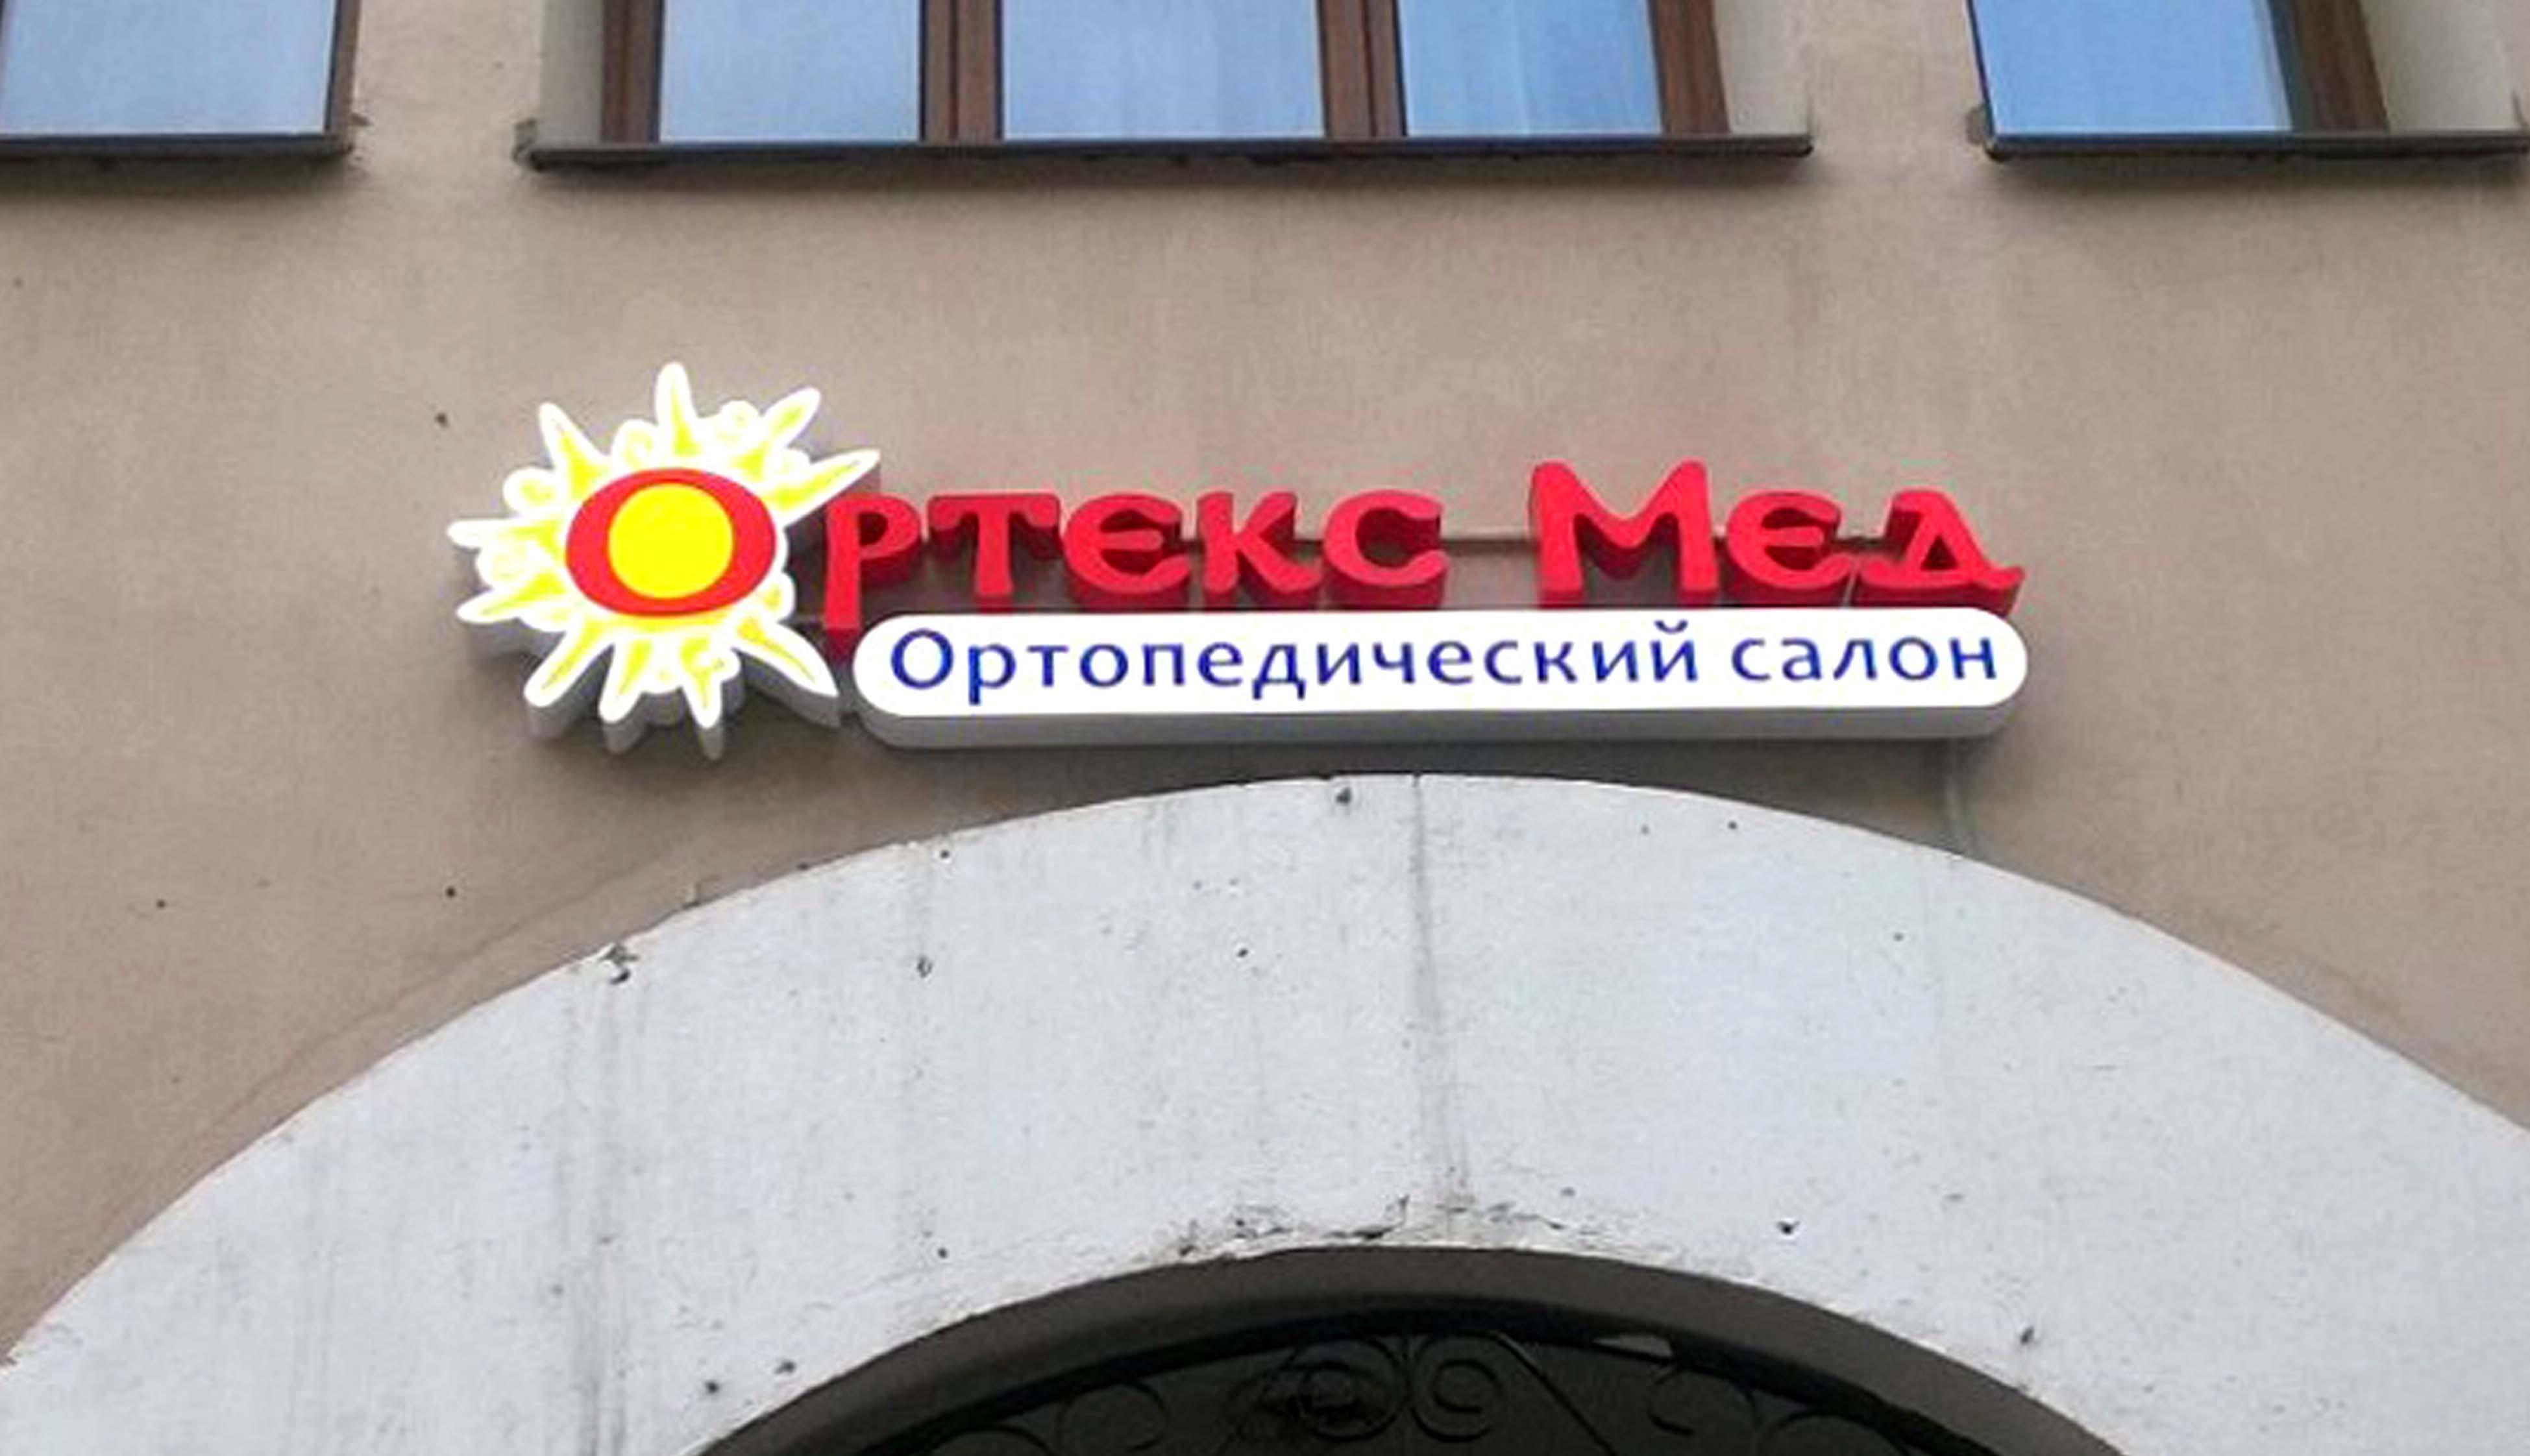 Новая работа для ортопедического салона «Ортекс Мед»